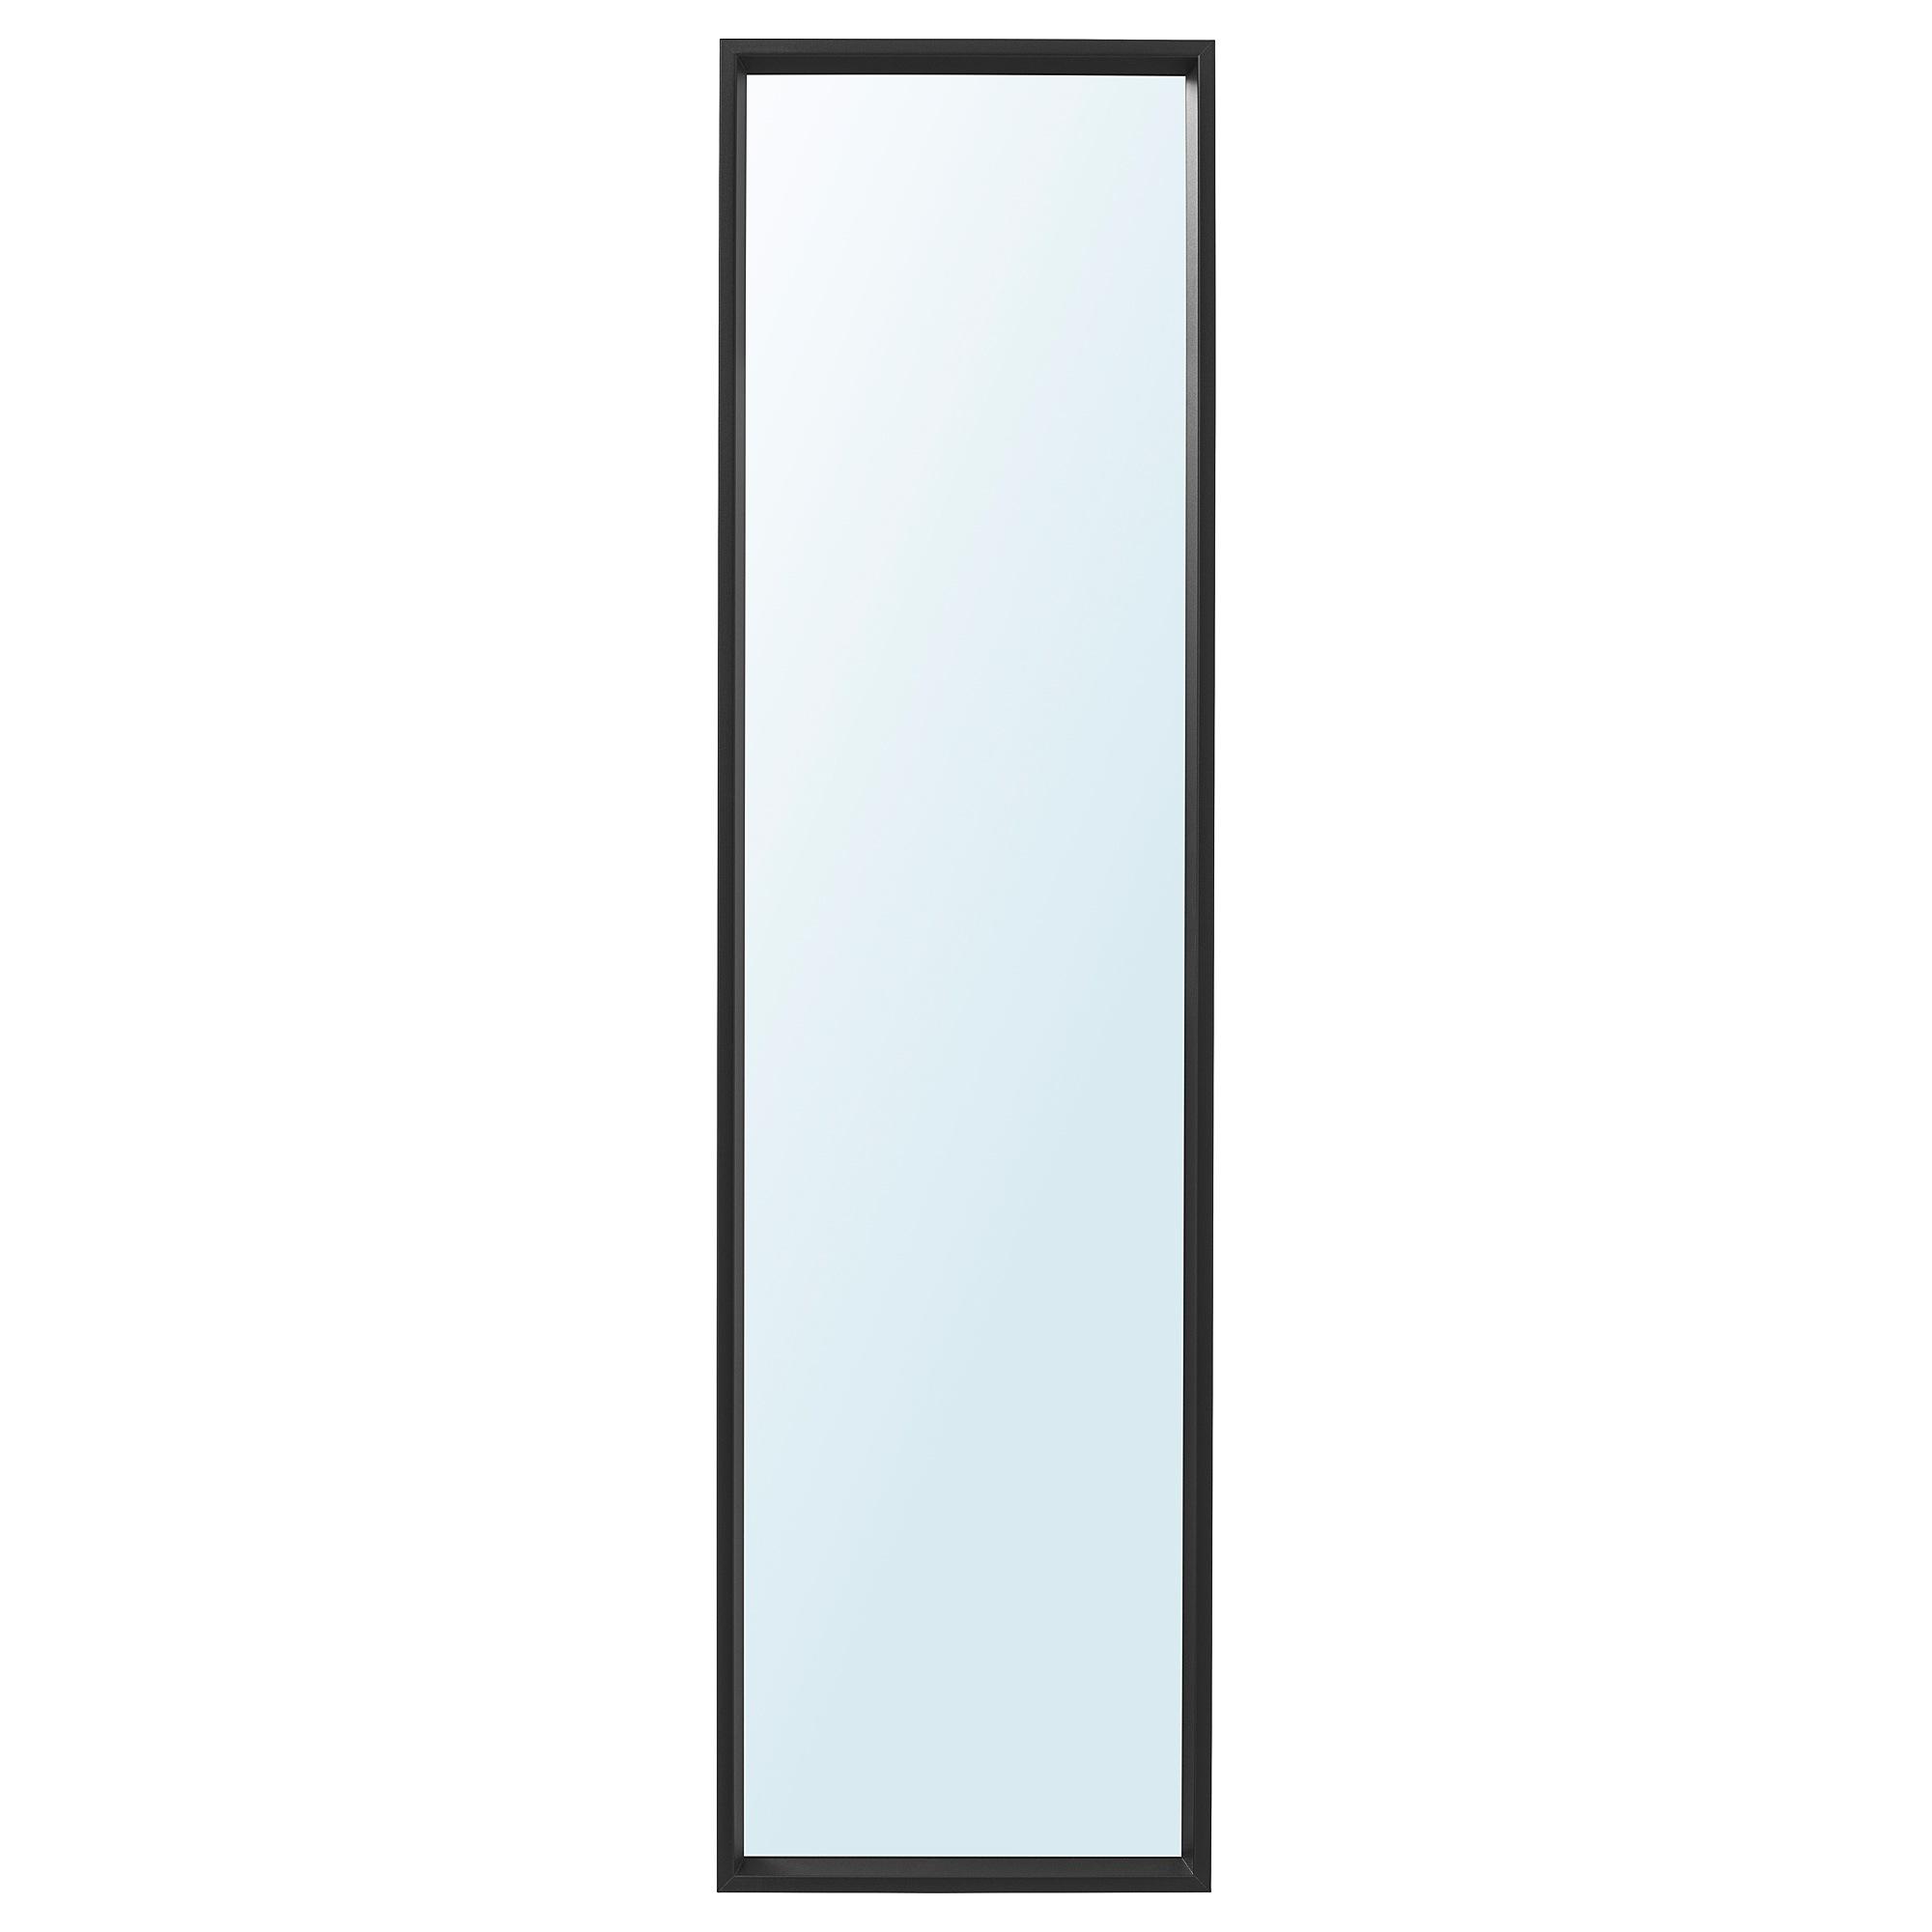 이케아 NISSEDAL 니세달 거울 40x150 cm, 블랙 003.203.13